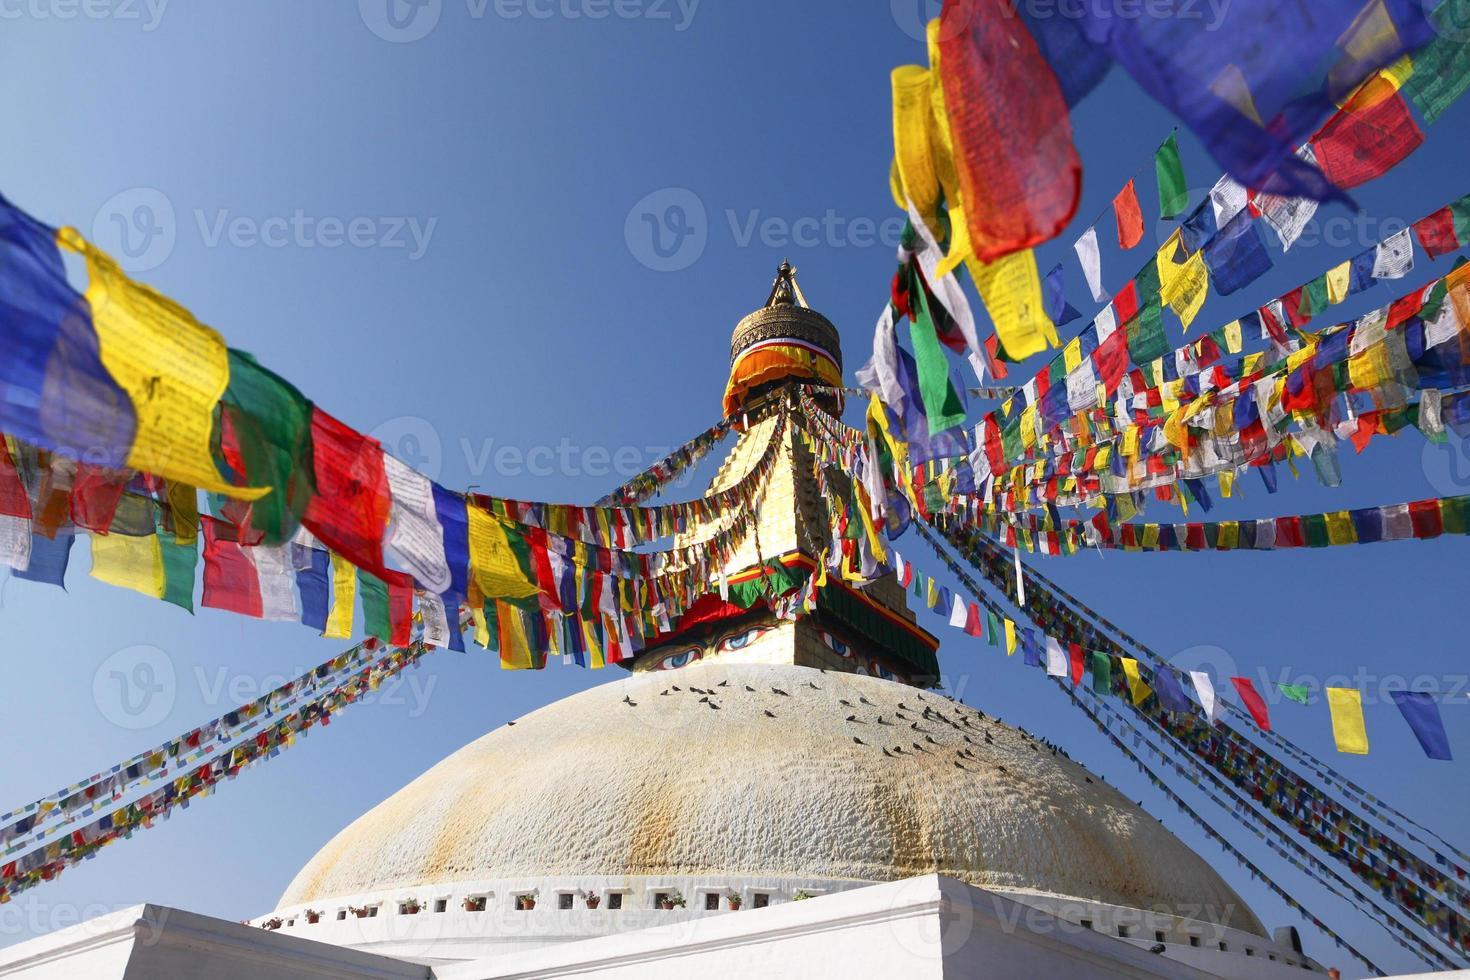 bodhnath stupa com bandeiras coloridas em kathmandu, nepal foto